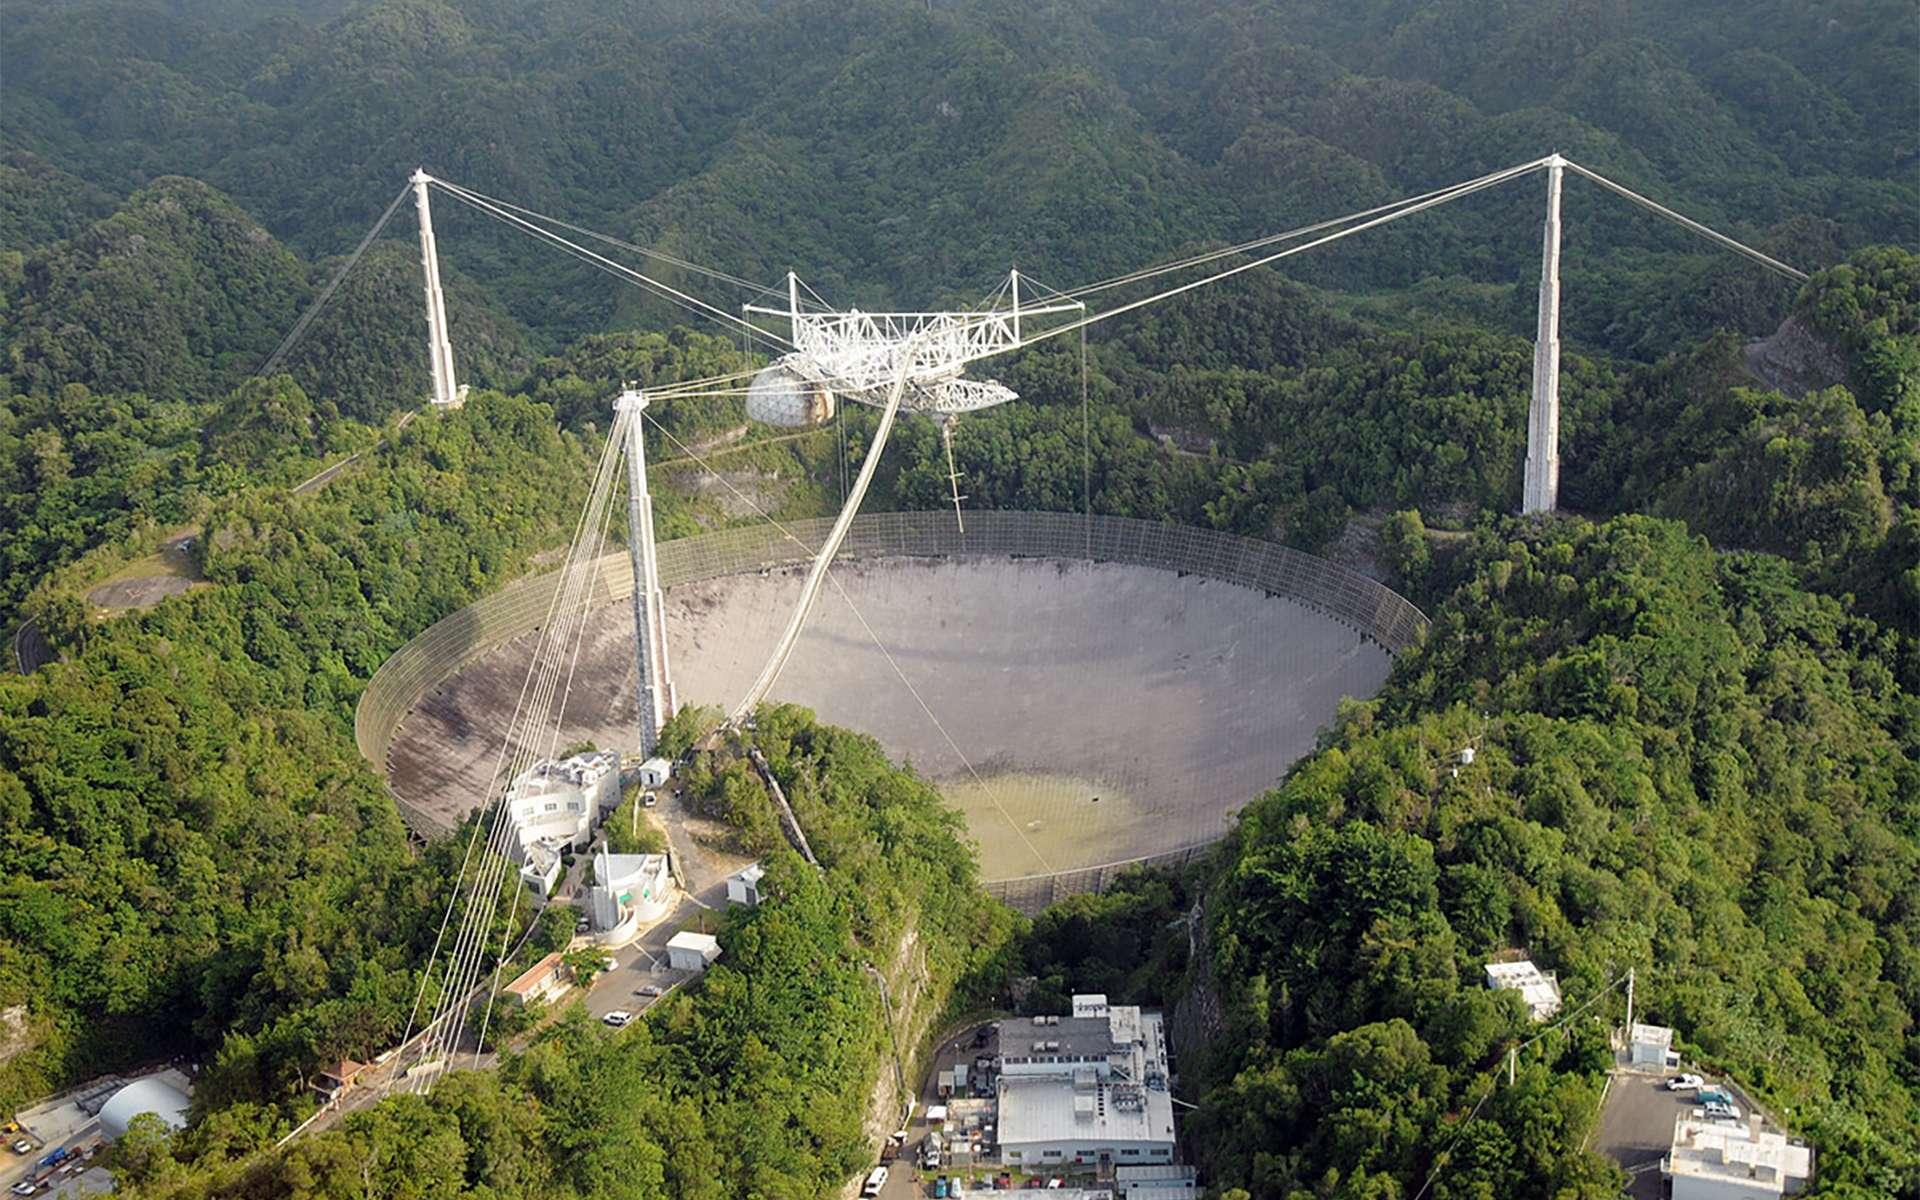 Le radiotélescope Arecibo, situé à Porto Rico, quand il était opérationnel. Il s'est effondré le 1er décembre 2020. © National Science Foundation